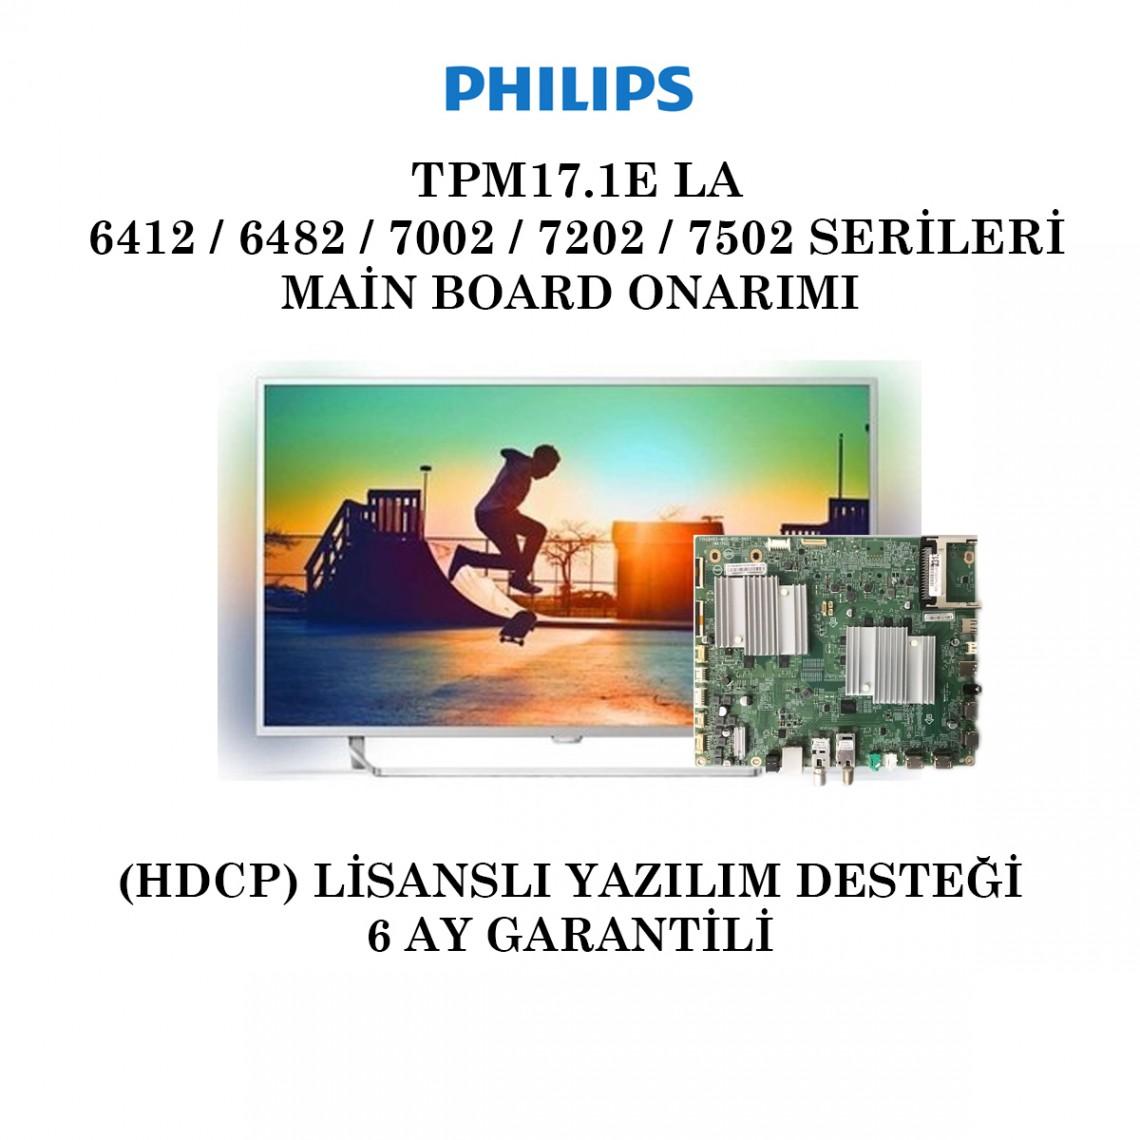 PHILIPS,  715G8579, 715G8465, TPM17.1E LA, PUS6412  PUS6482, PUS7002, PUS7202, PUS7502, Main Board Onarımı